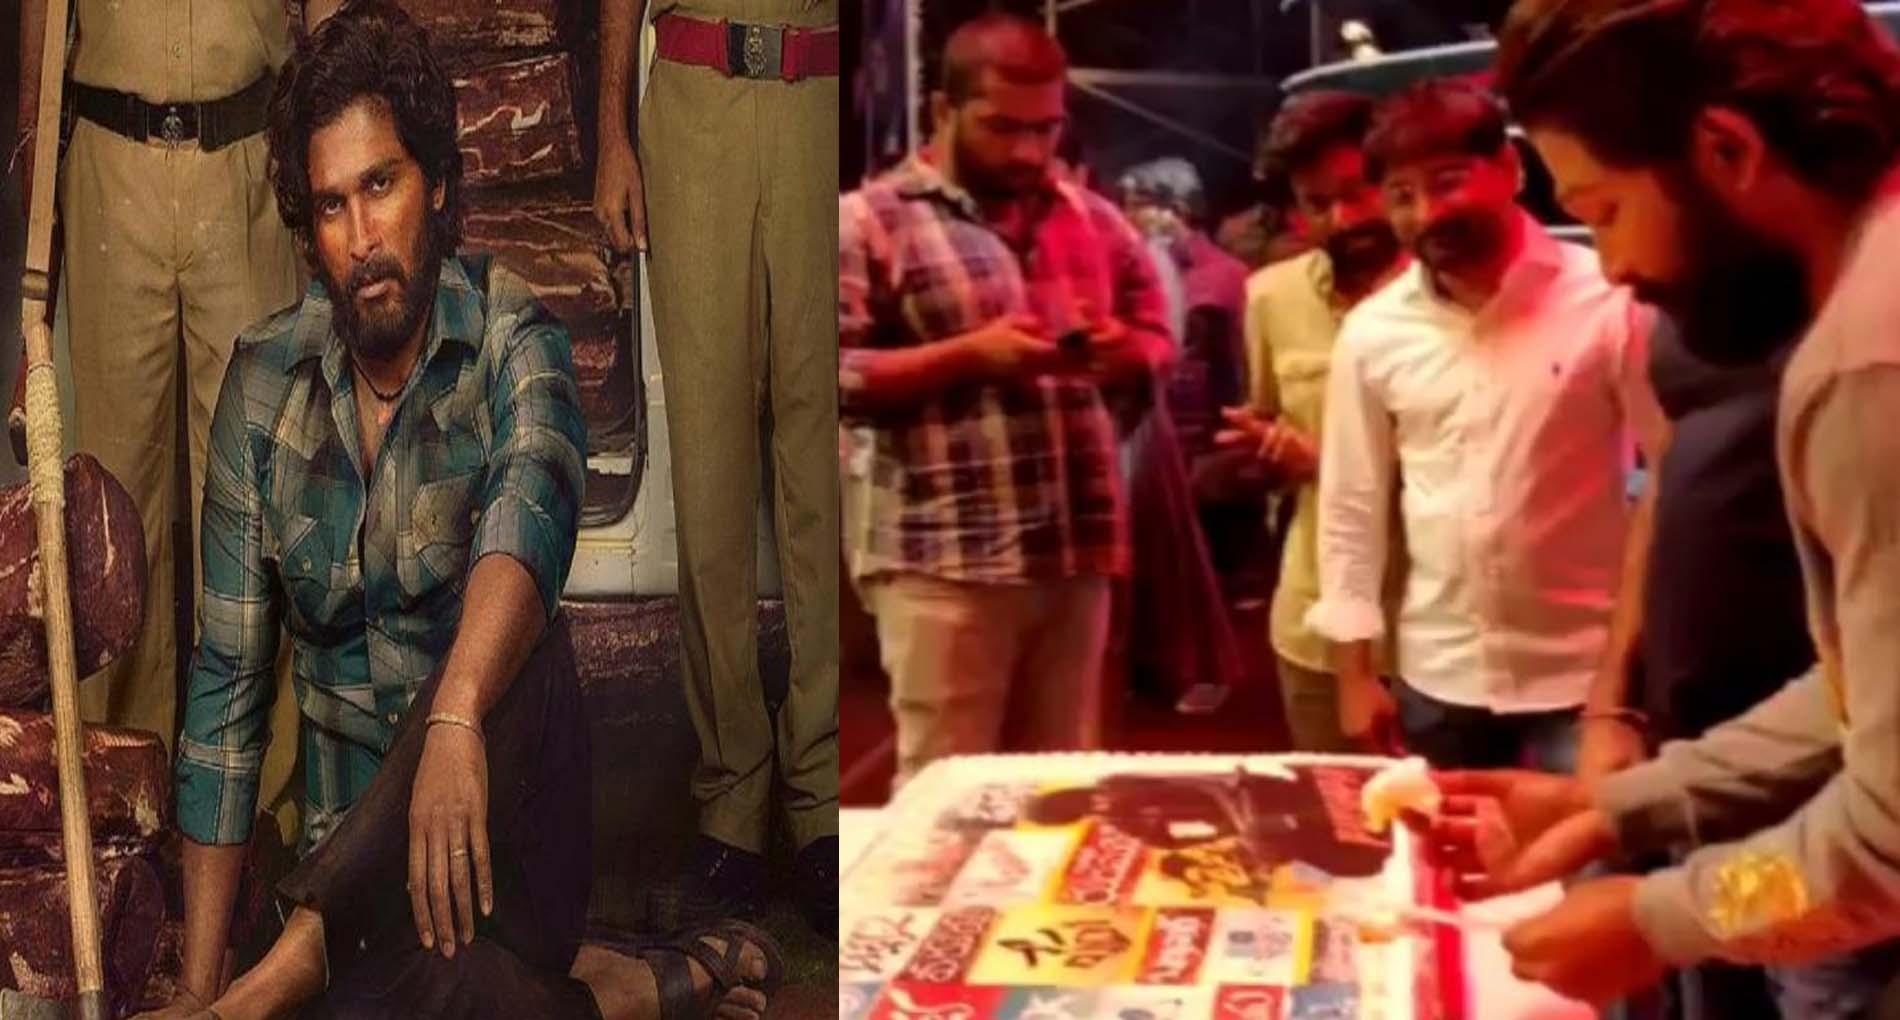 अल्लू अर्जुन की आगामी फिल्म 'पुष्पा' की पहली झलक का पदार्पण!